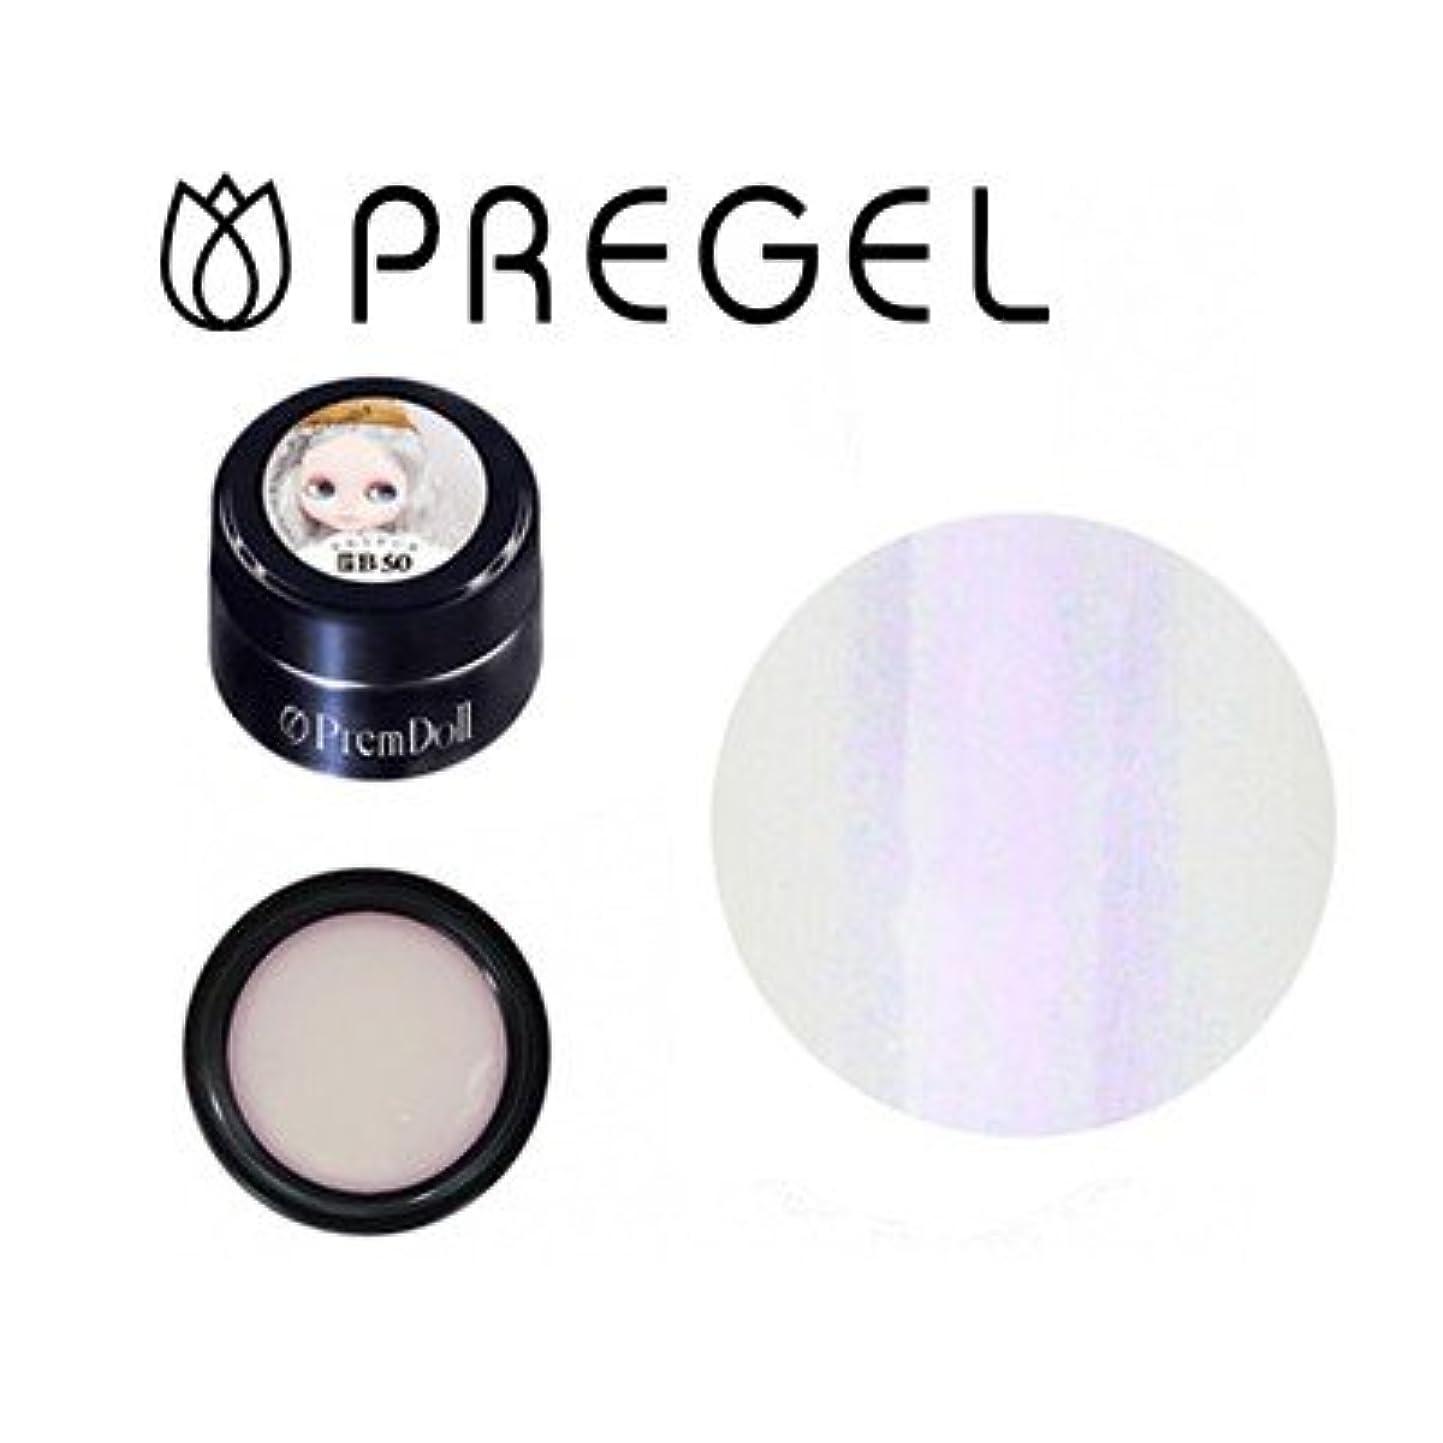 位置する酸化するピジンジェルネイル カラージェル プリジェル PREGEL プリムドール ジェーンレフロイシリーズ DOLL-B50 やわらかい月